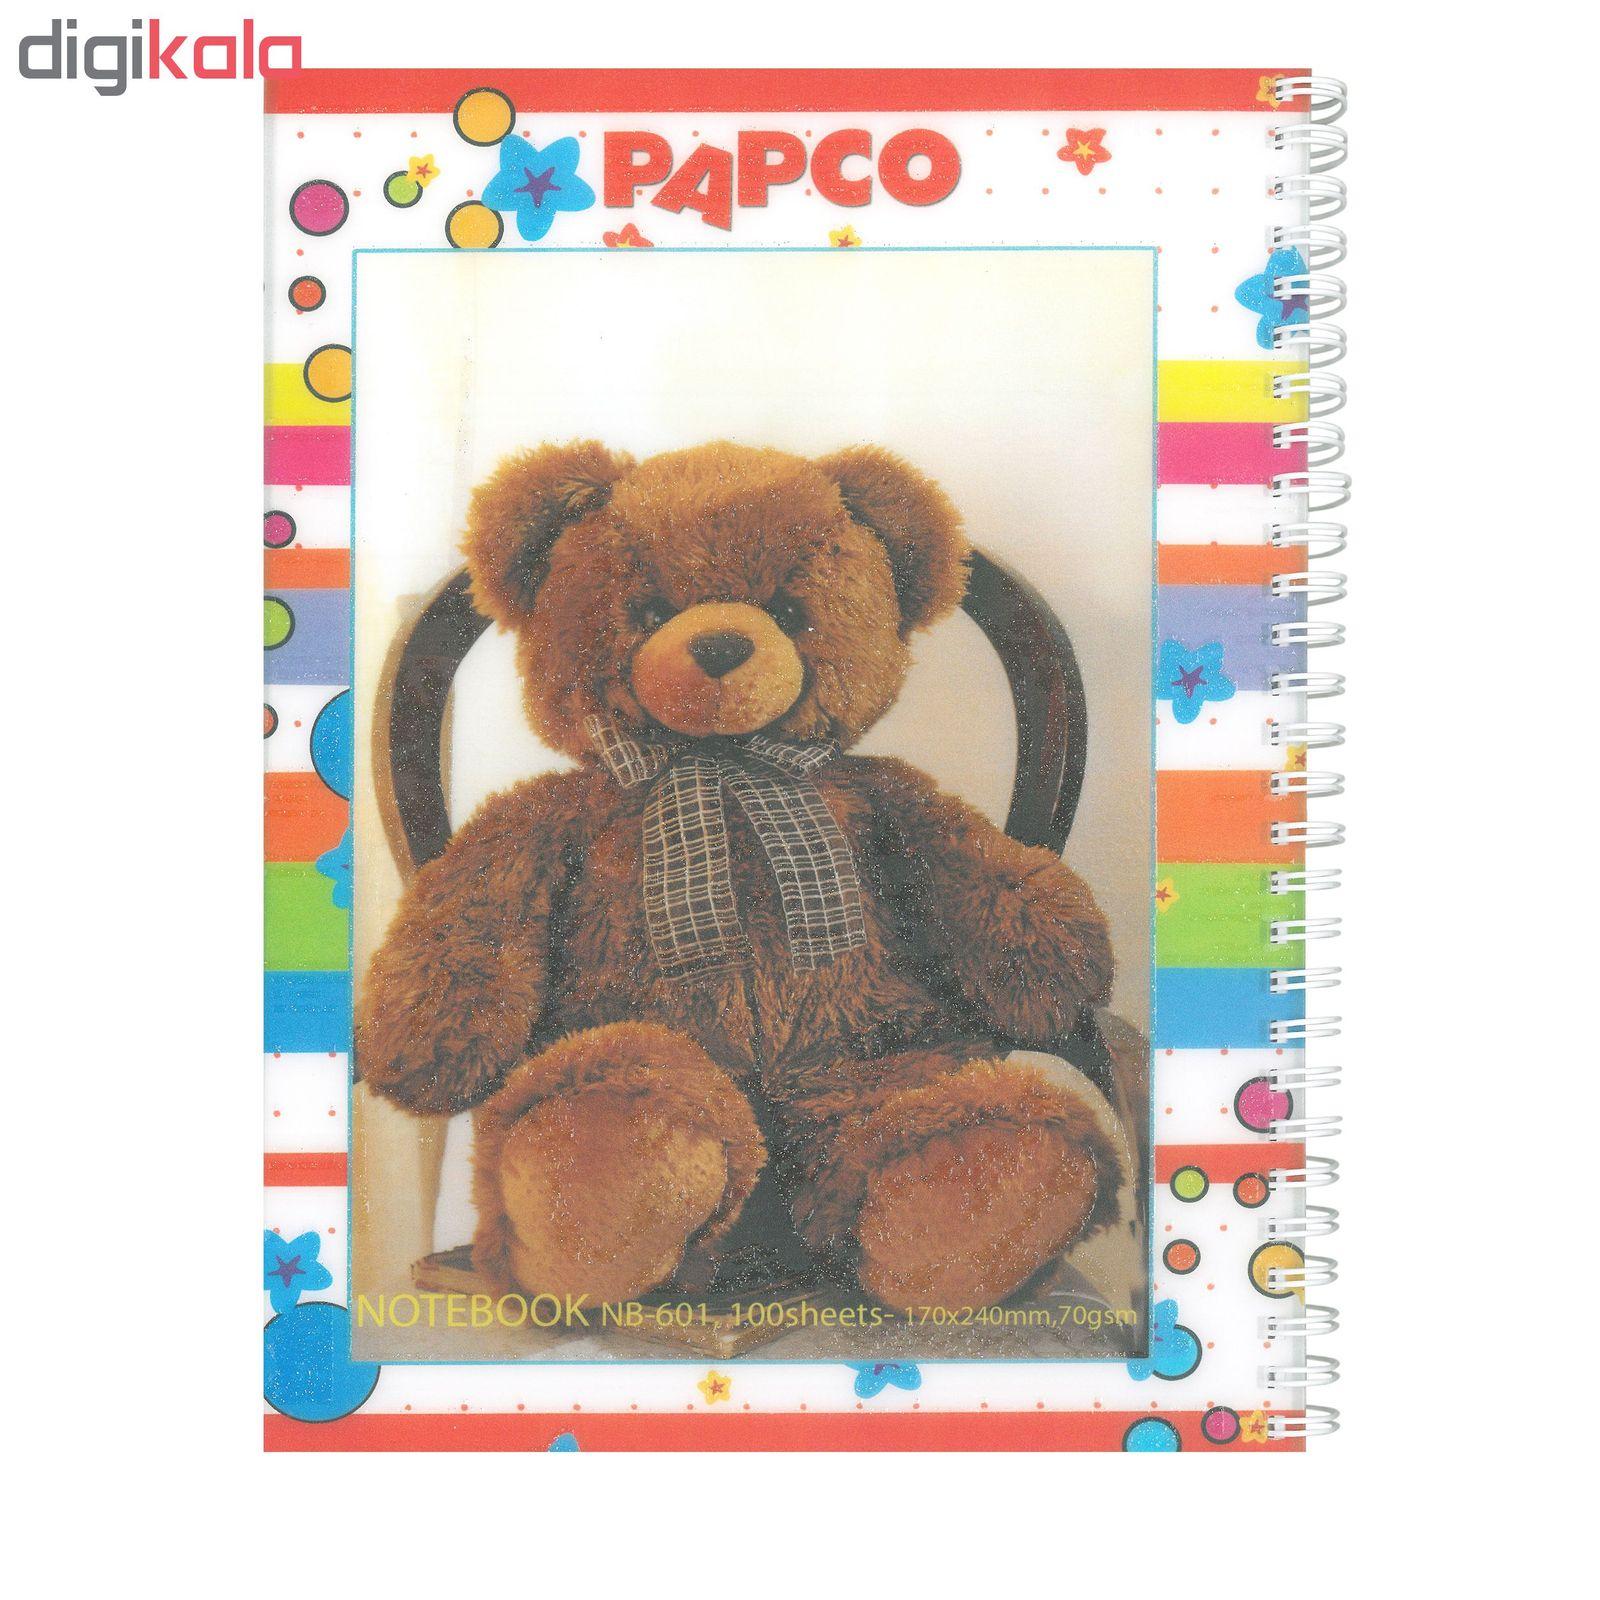 دفتر مشق پاپکو مدل NB-601 کد 322 main 1 3